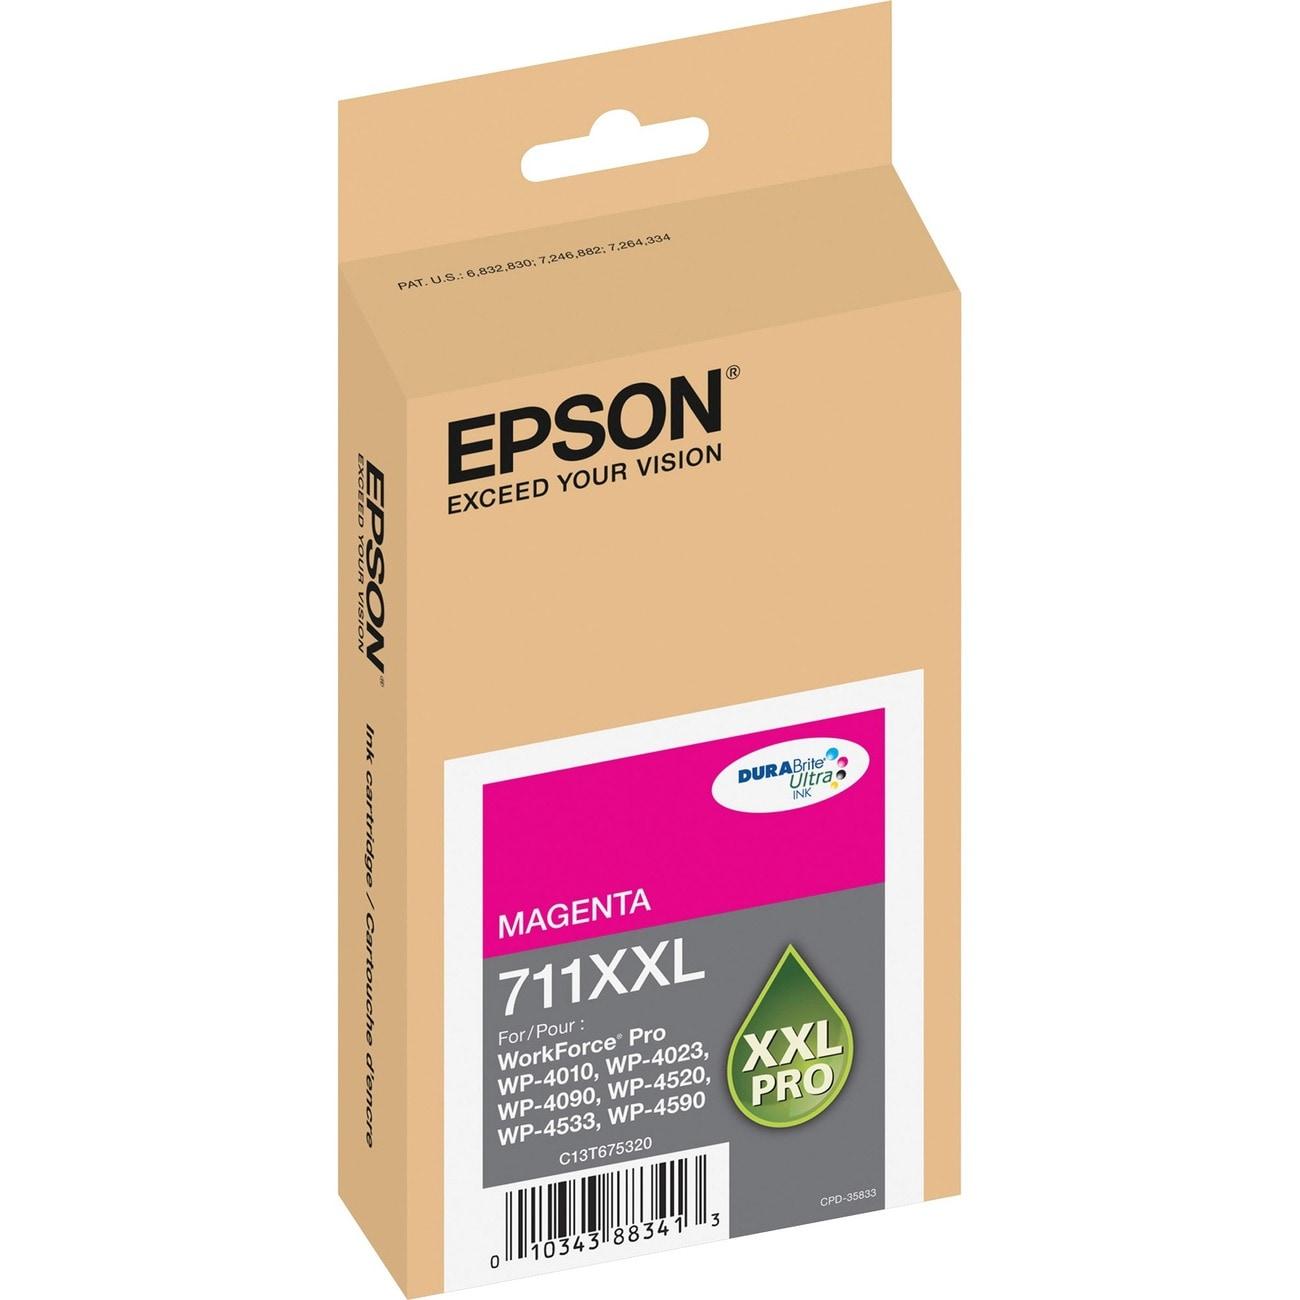 Epson DURABrite Ultra 711XXL Ink Cartridge - Magenta